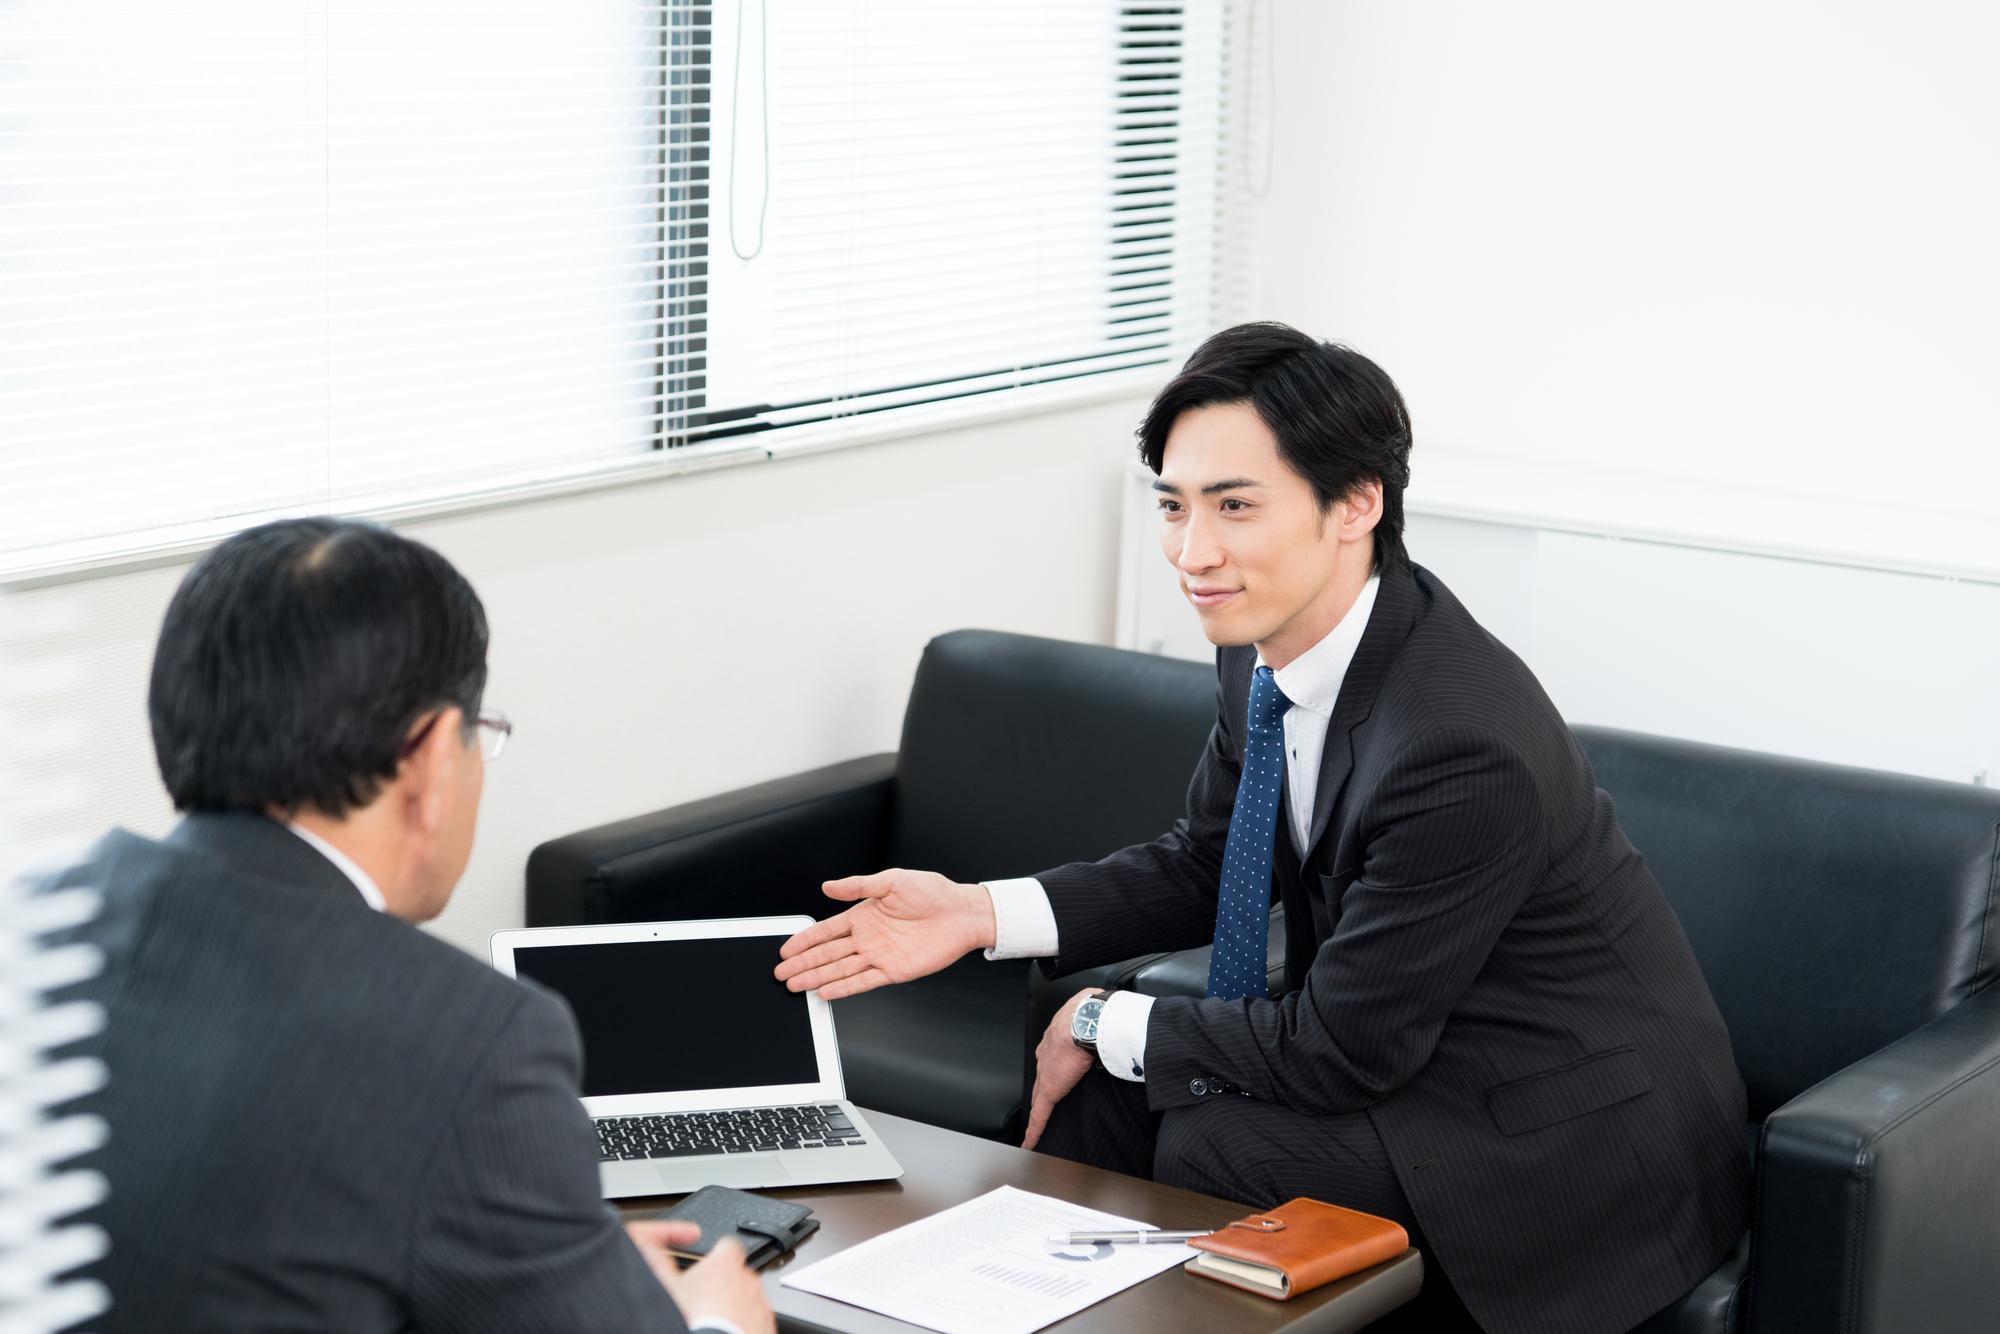 優れた営業マンになるコツ!見込み客を確保し顧客へとつなげよう